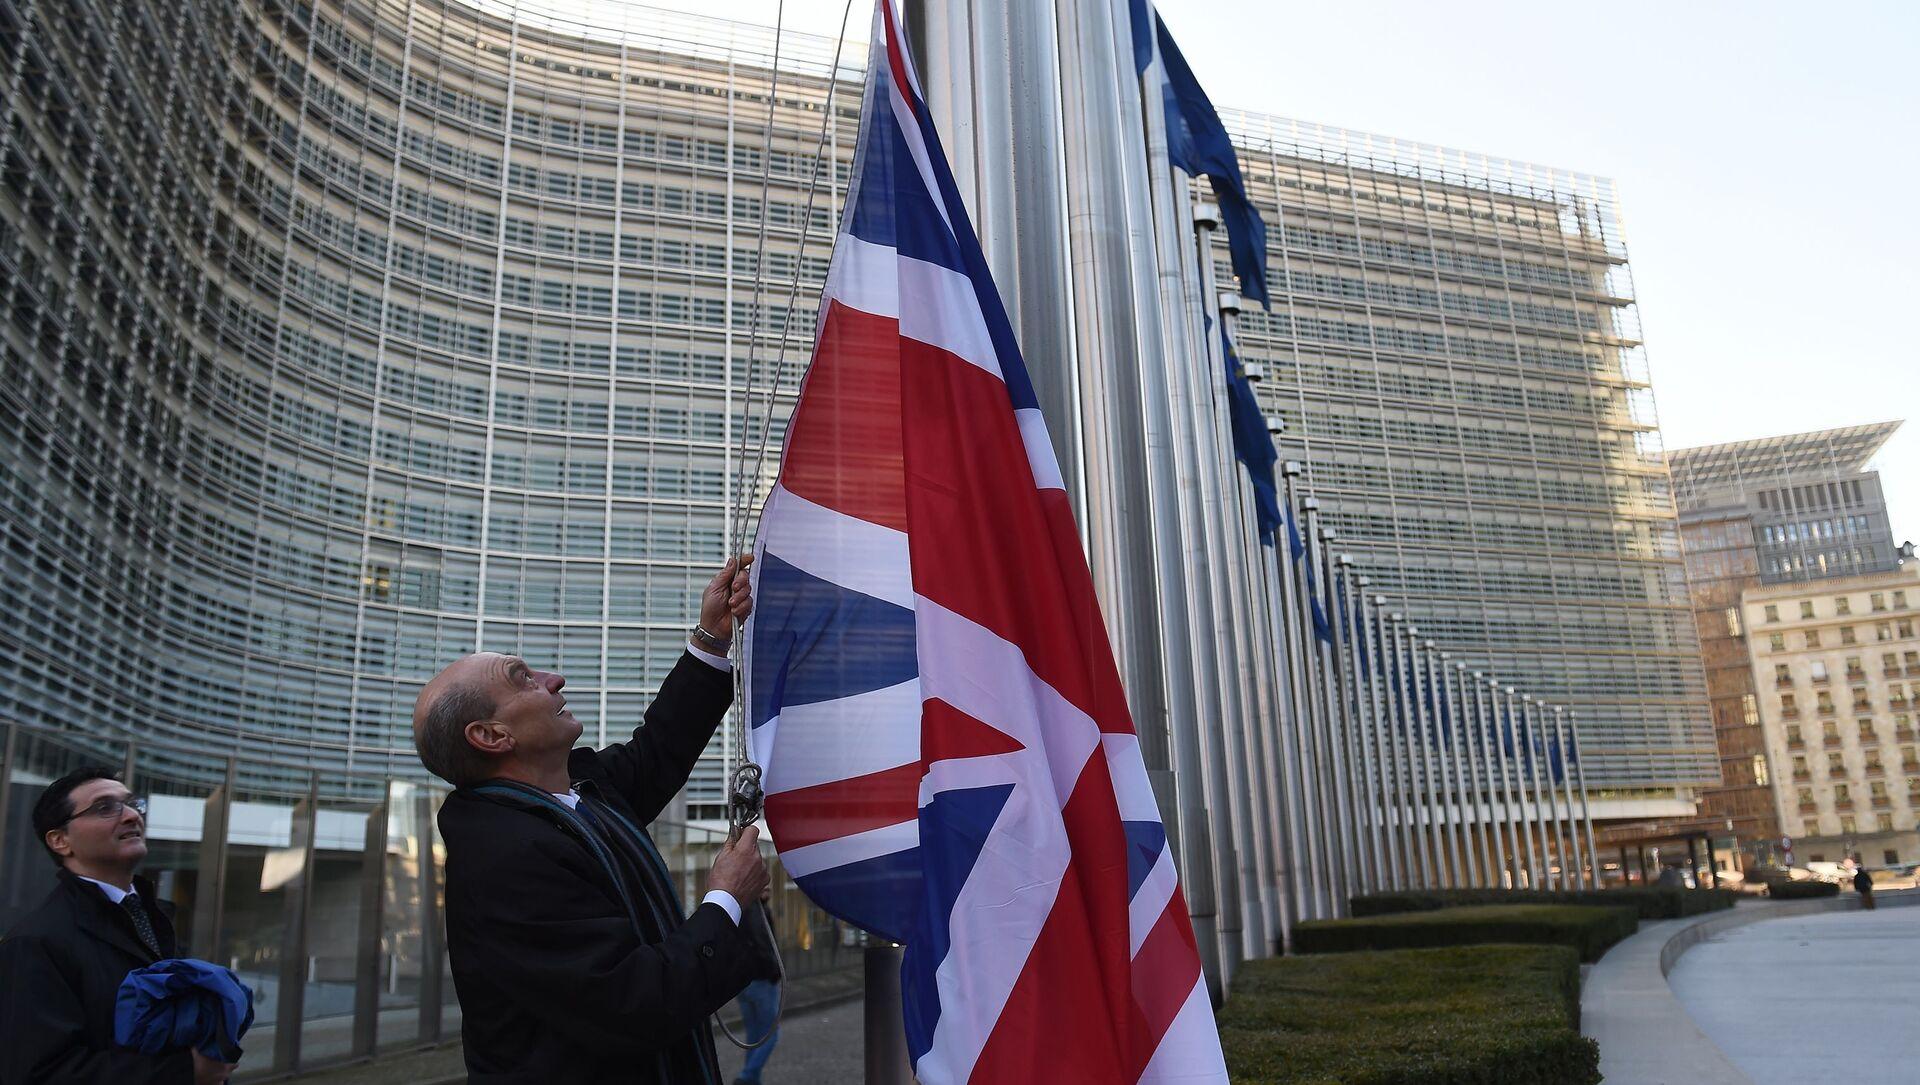 Brytyjska flaga przed budynkiem Komisji Europejskiej w Brukseli - Sputnik Polska, 1920, 19.03.2021